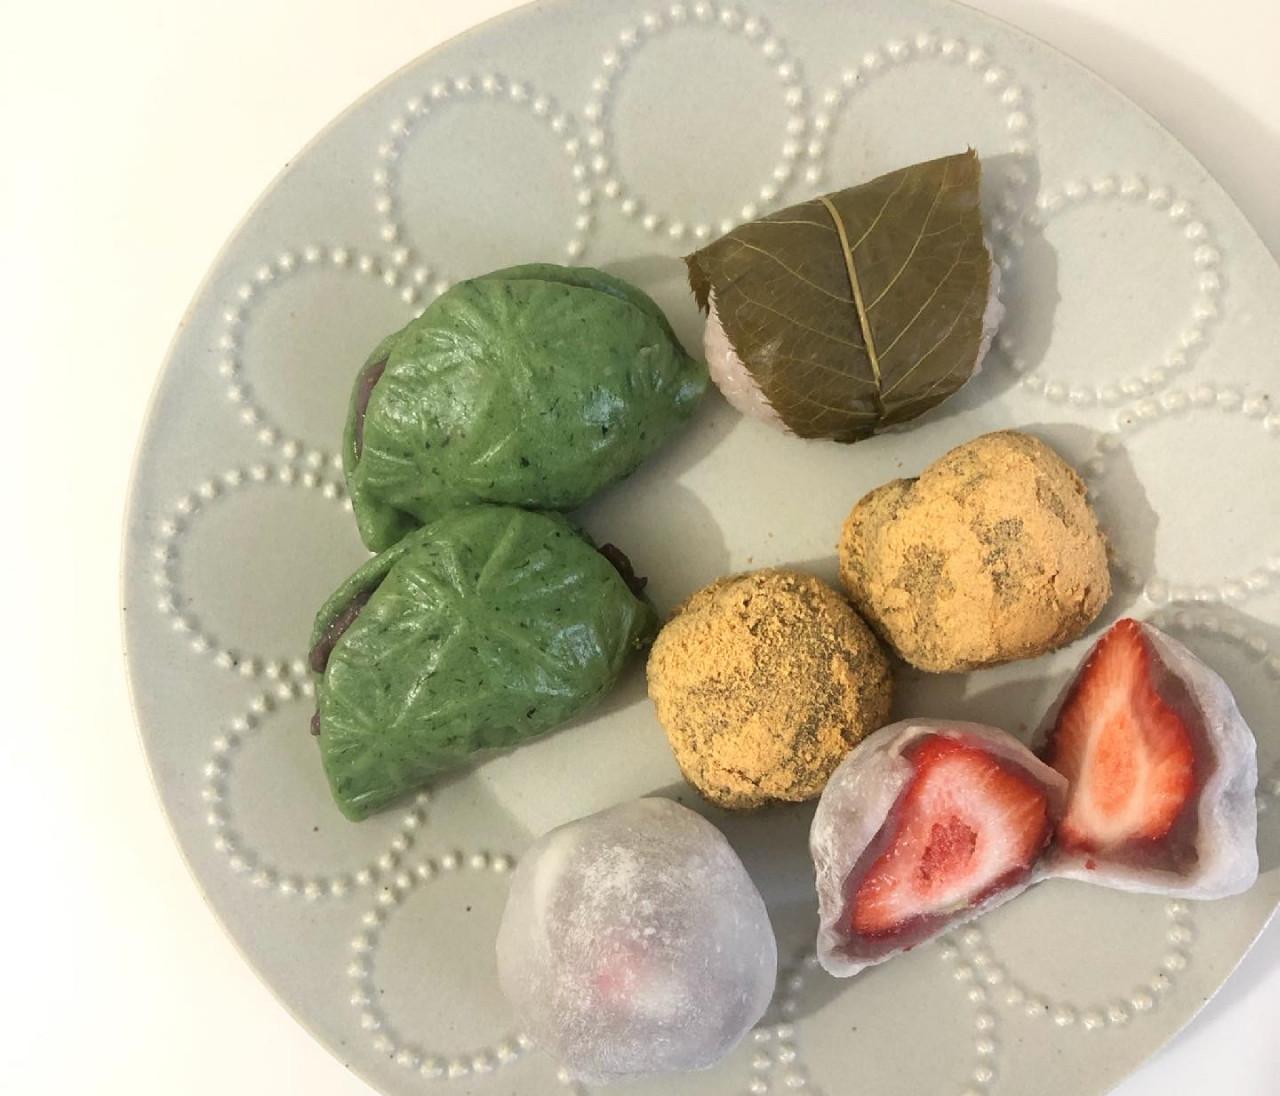 閉店してしまう「南青山まめ」の最後のいちご大福と和菓子たち